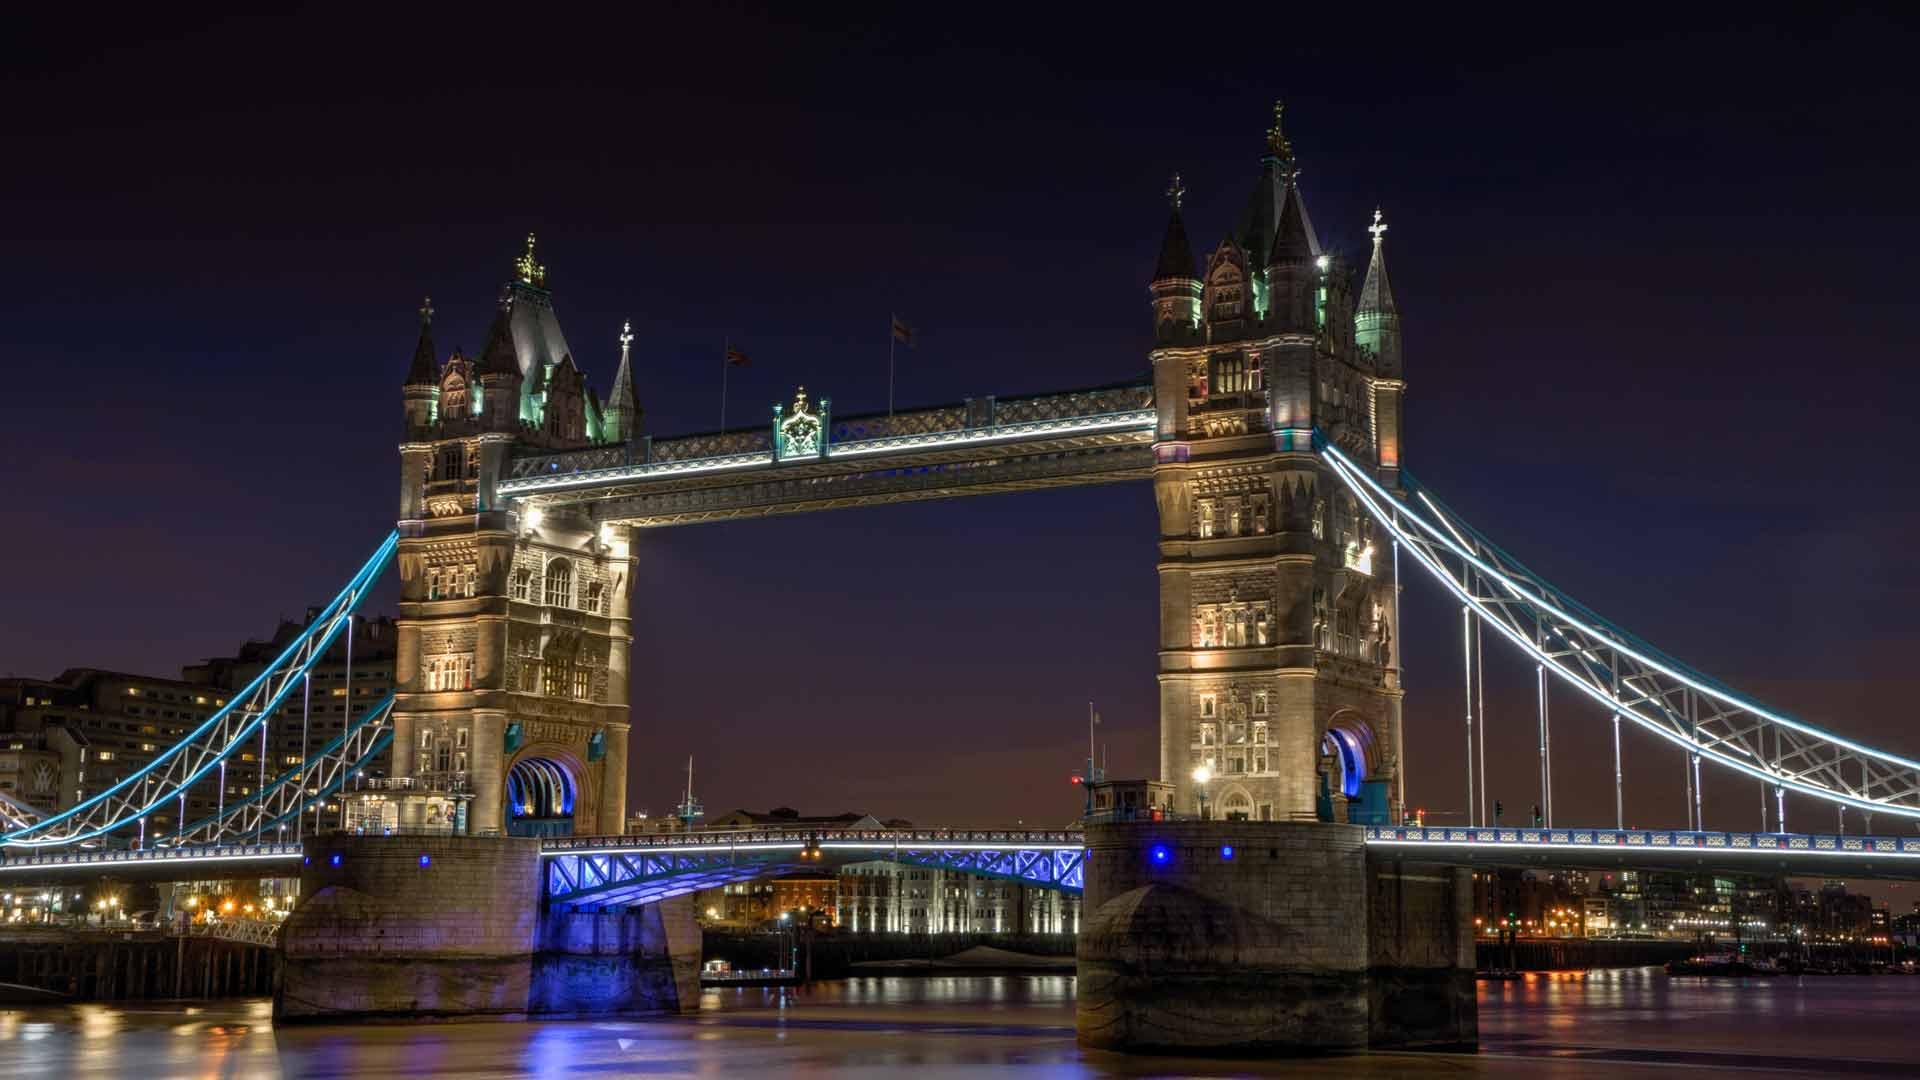 Semplificare l'aggregazione dei dati - il caso dei Tour Operator